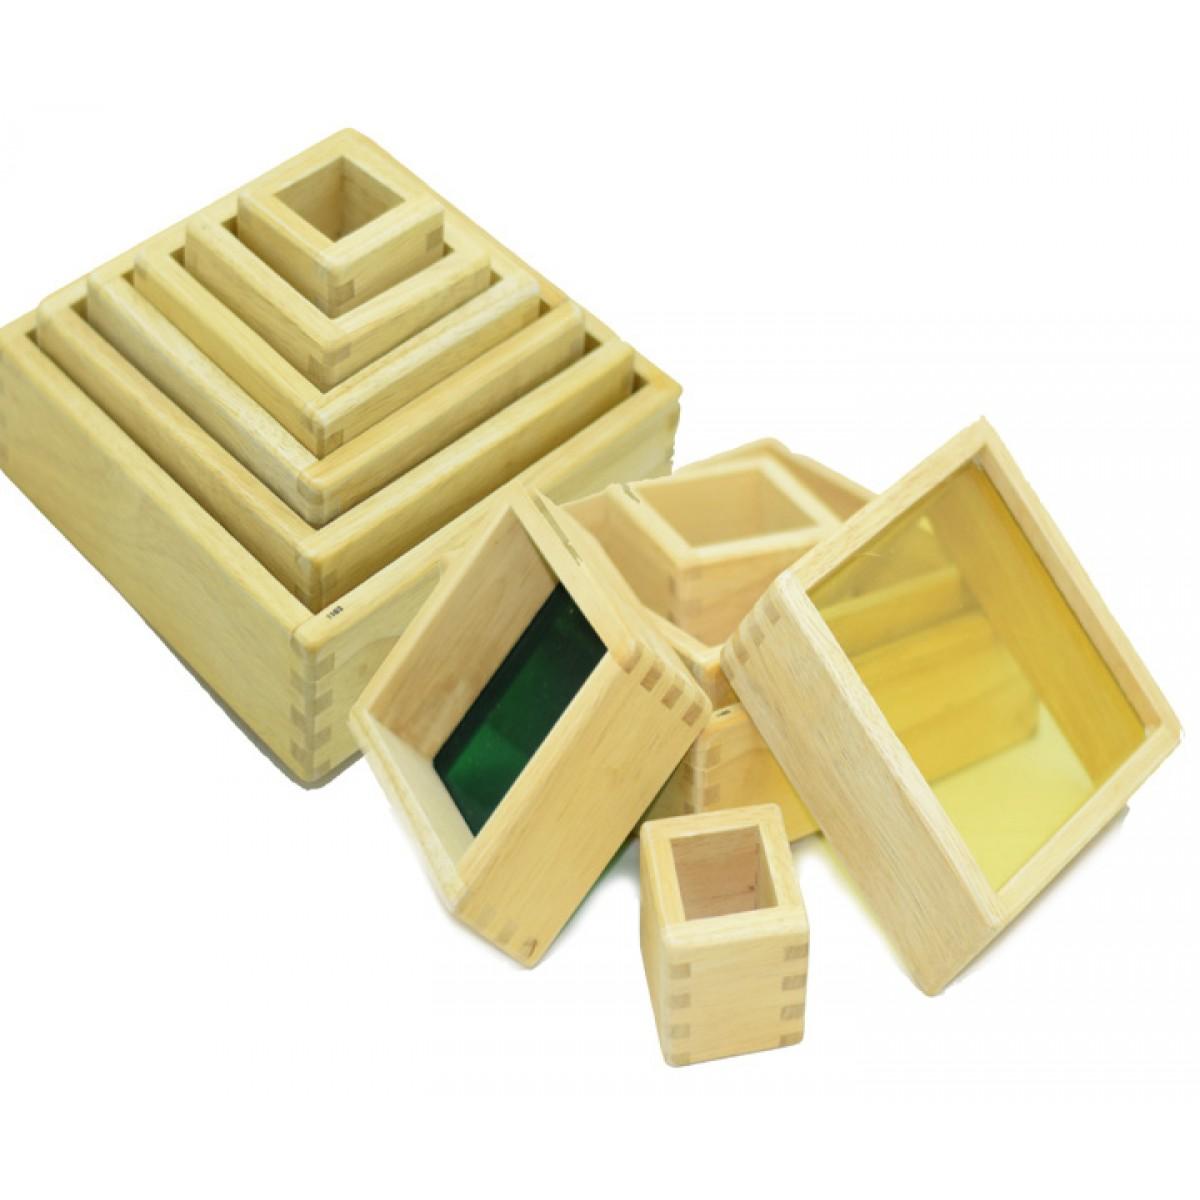 مكعبات خشبية متداخلة بقواعد بلاستيك شفاف